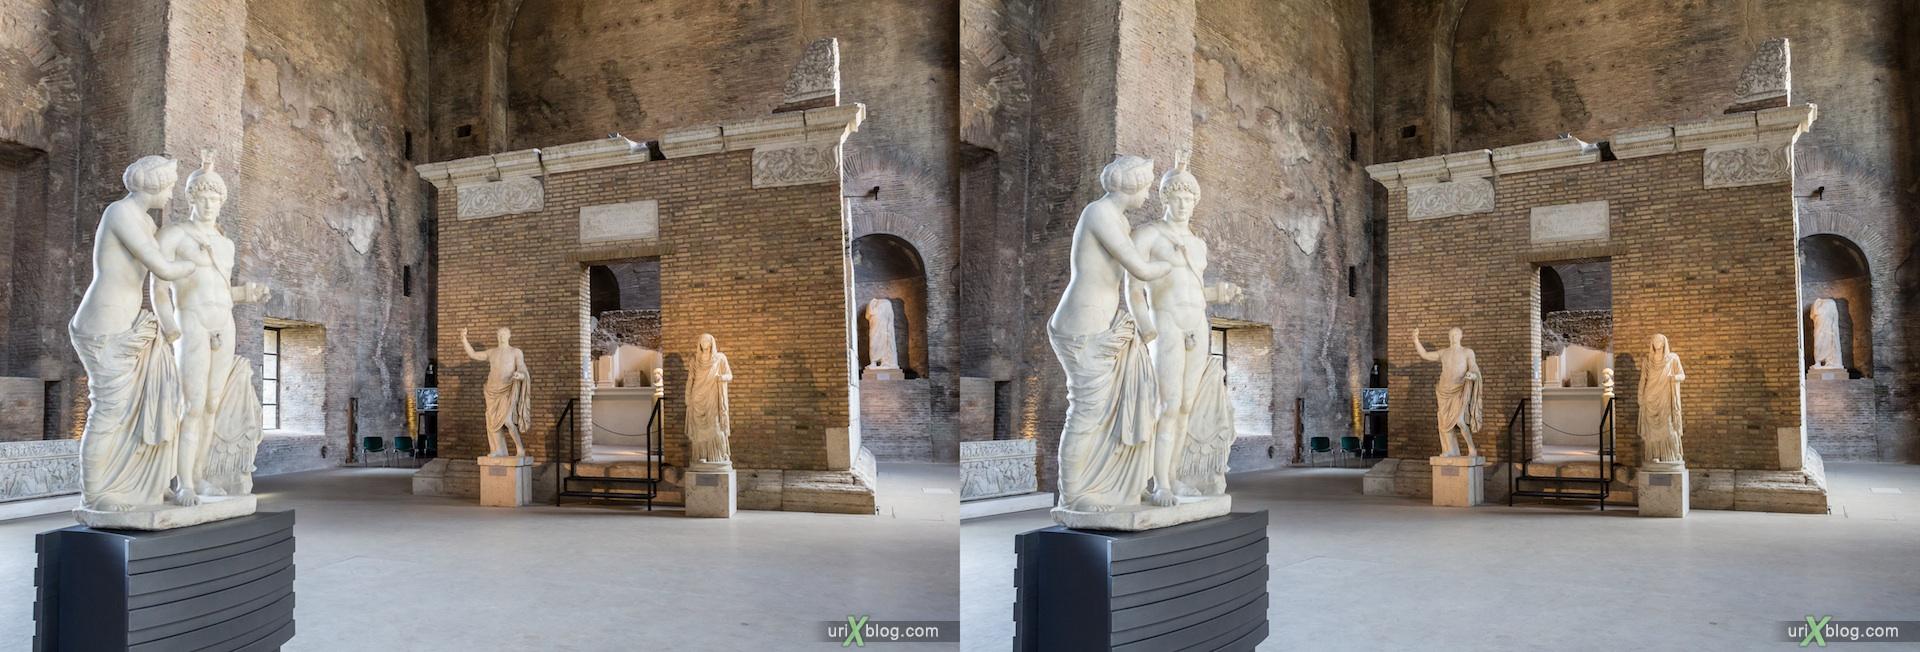 2012, Национальный римский музей, Conference Hall X, Термы Диоклетиана, Рим, Италия, осень, 3D, перекрёстные стереопары, стерео, стереопара, стереопары